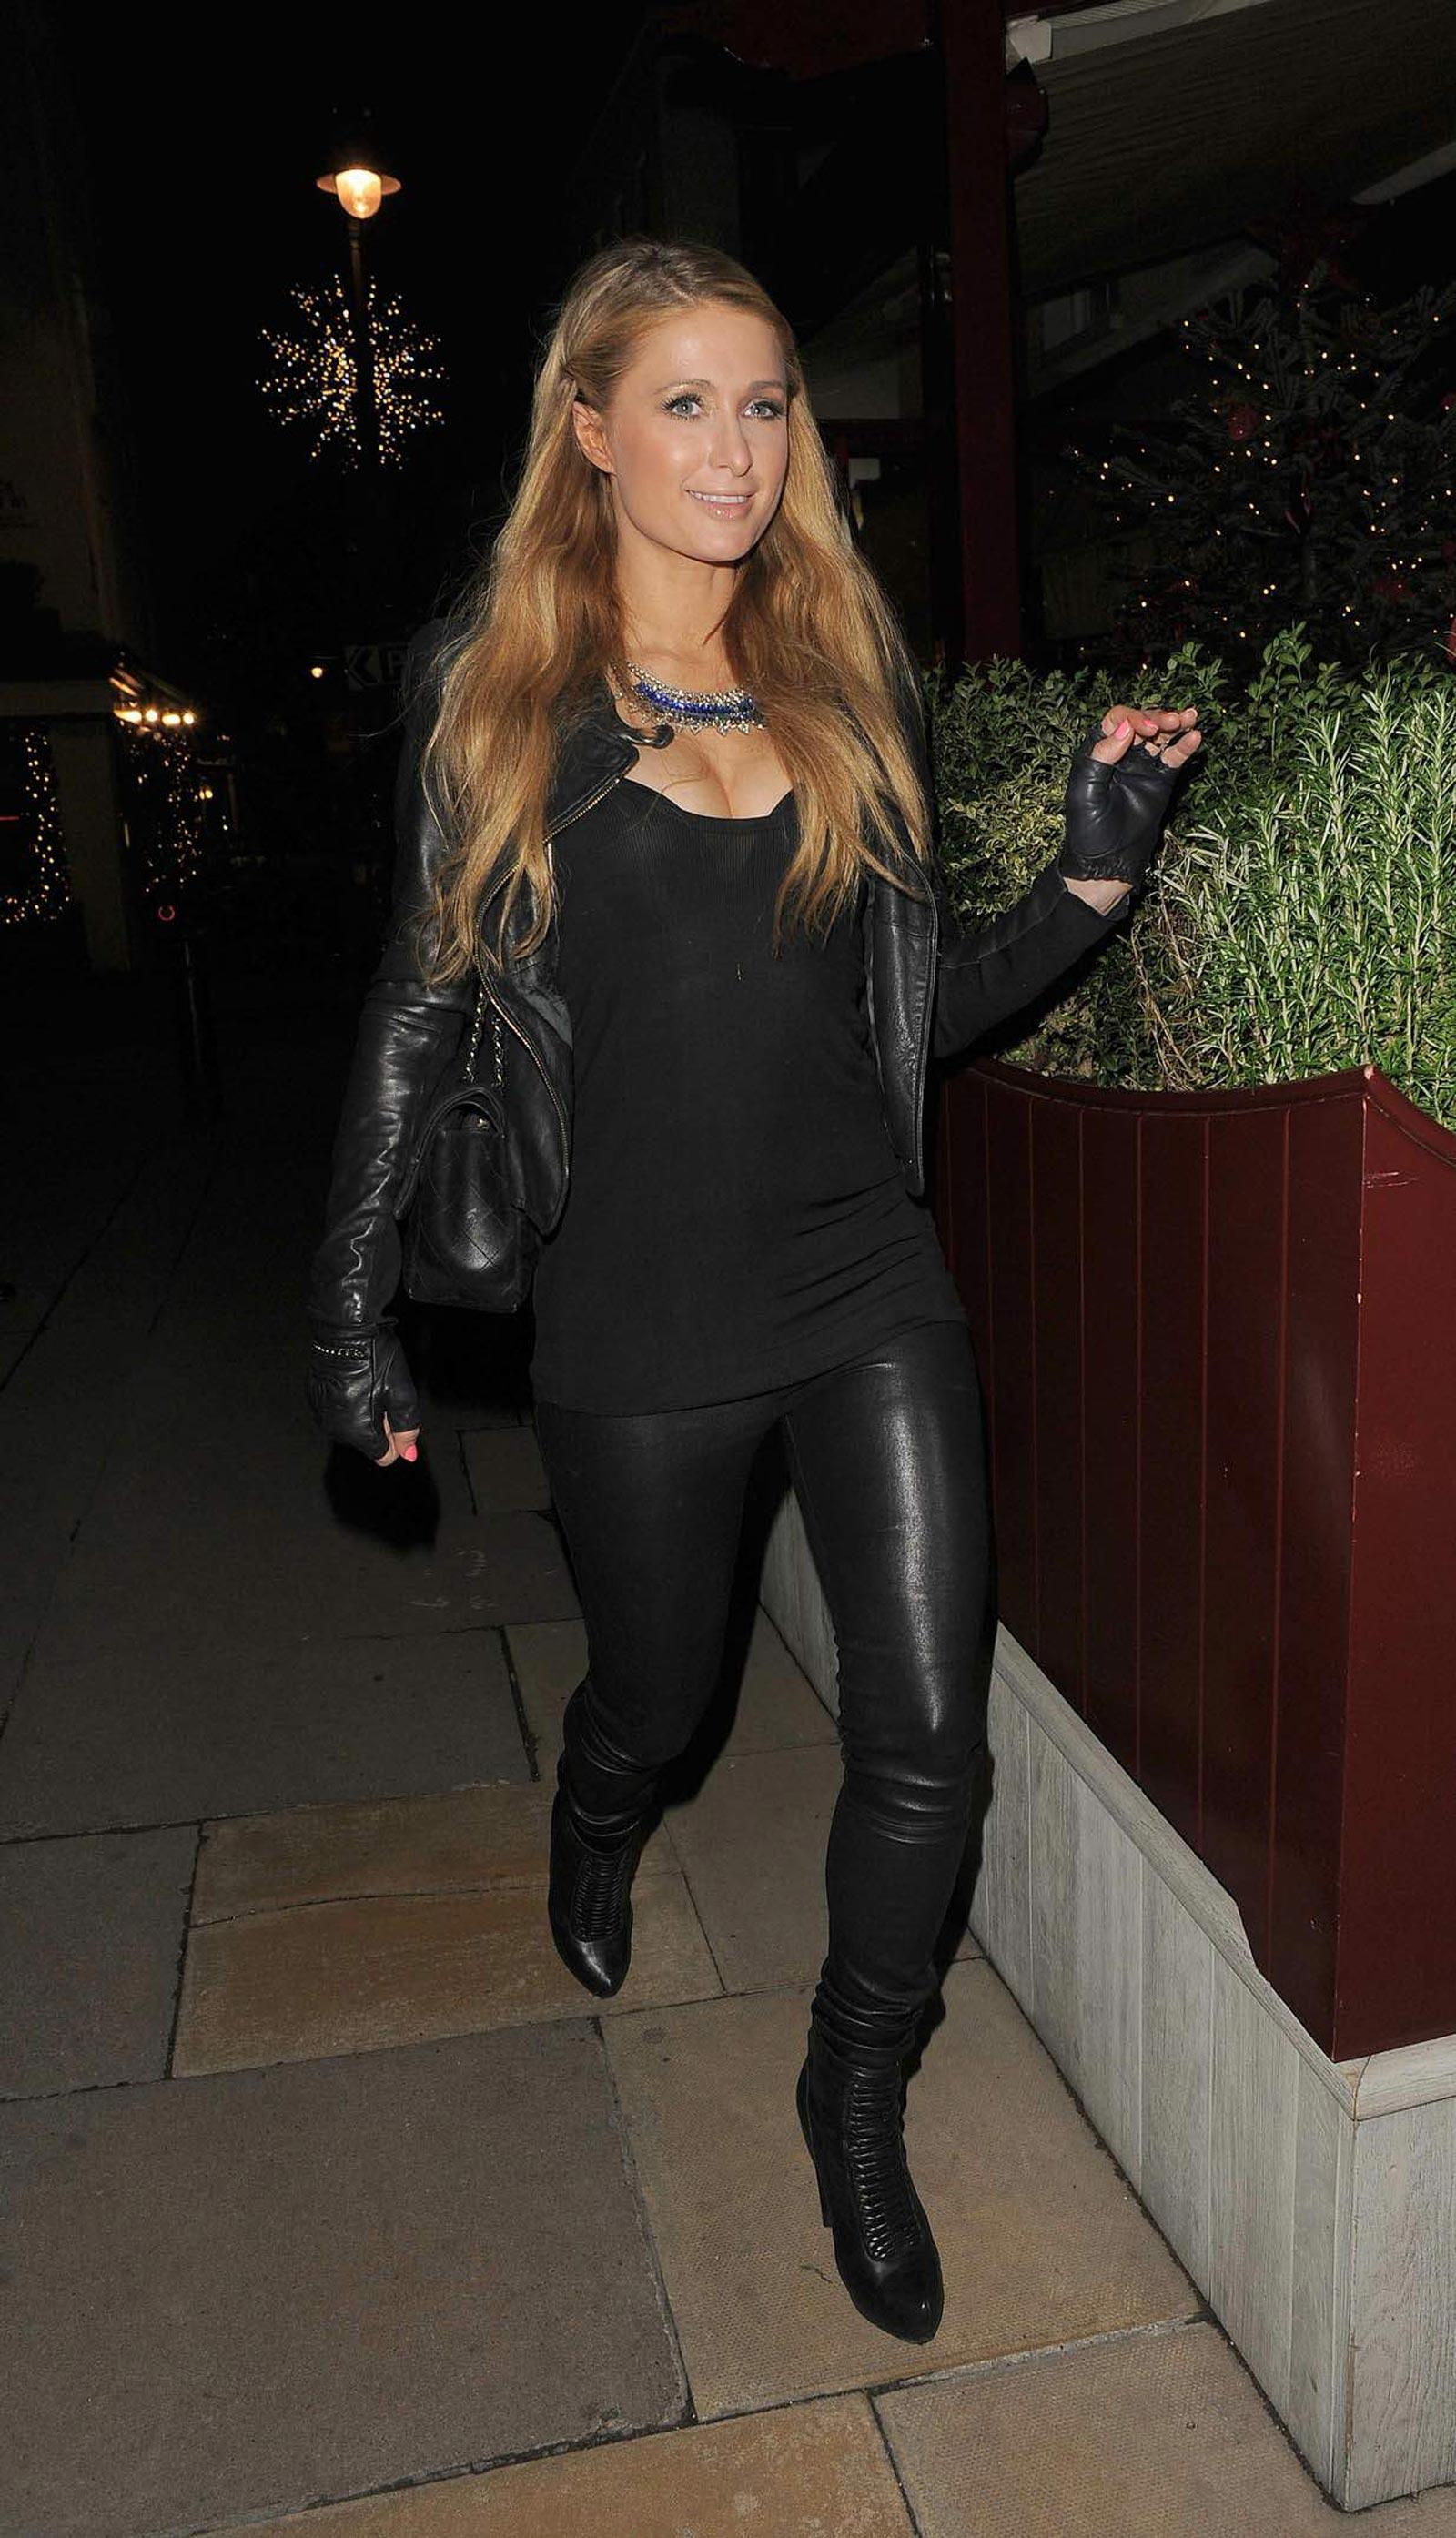 Paris Hilton out in London